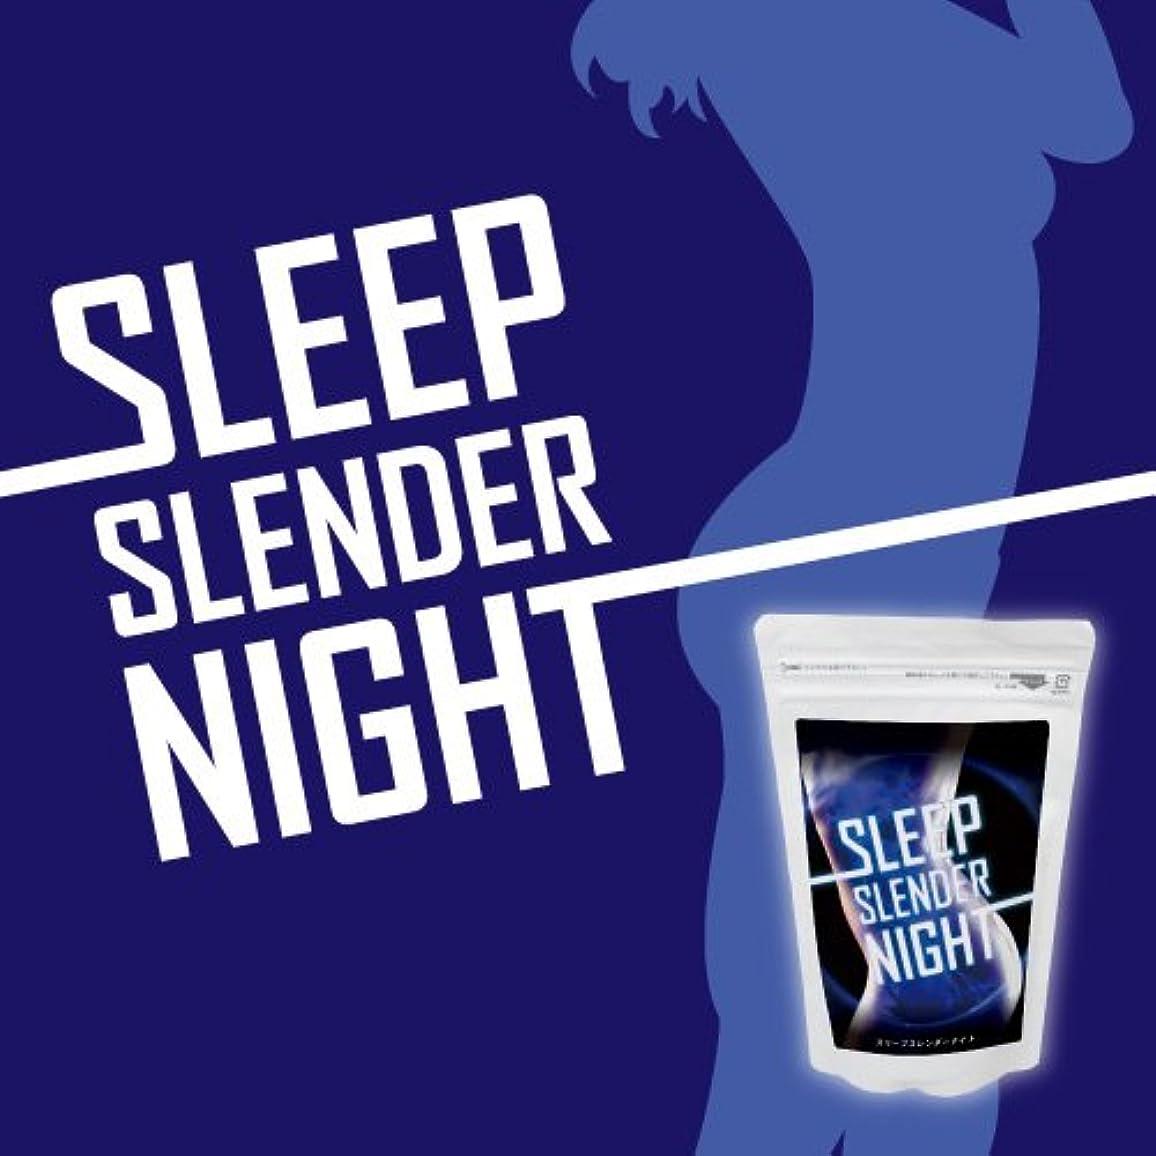 是正出身地タンパク質Sleep Slender Night(スリープスレンダーナイト) ダイエット ダイエットサプリ 送料無料